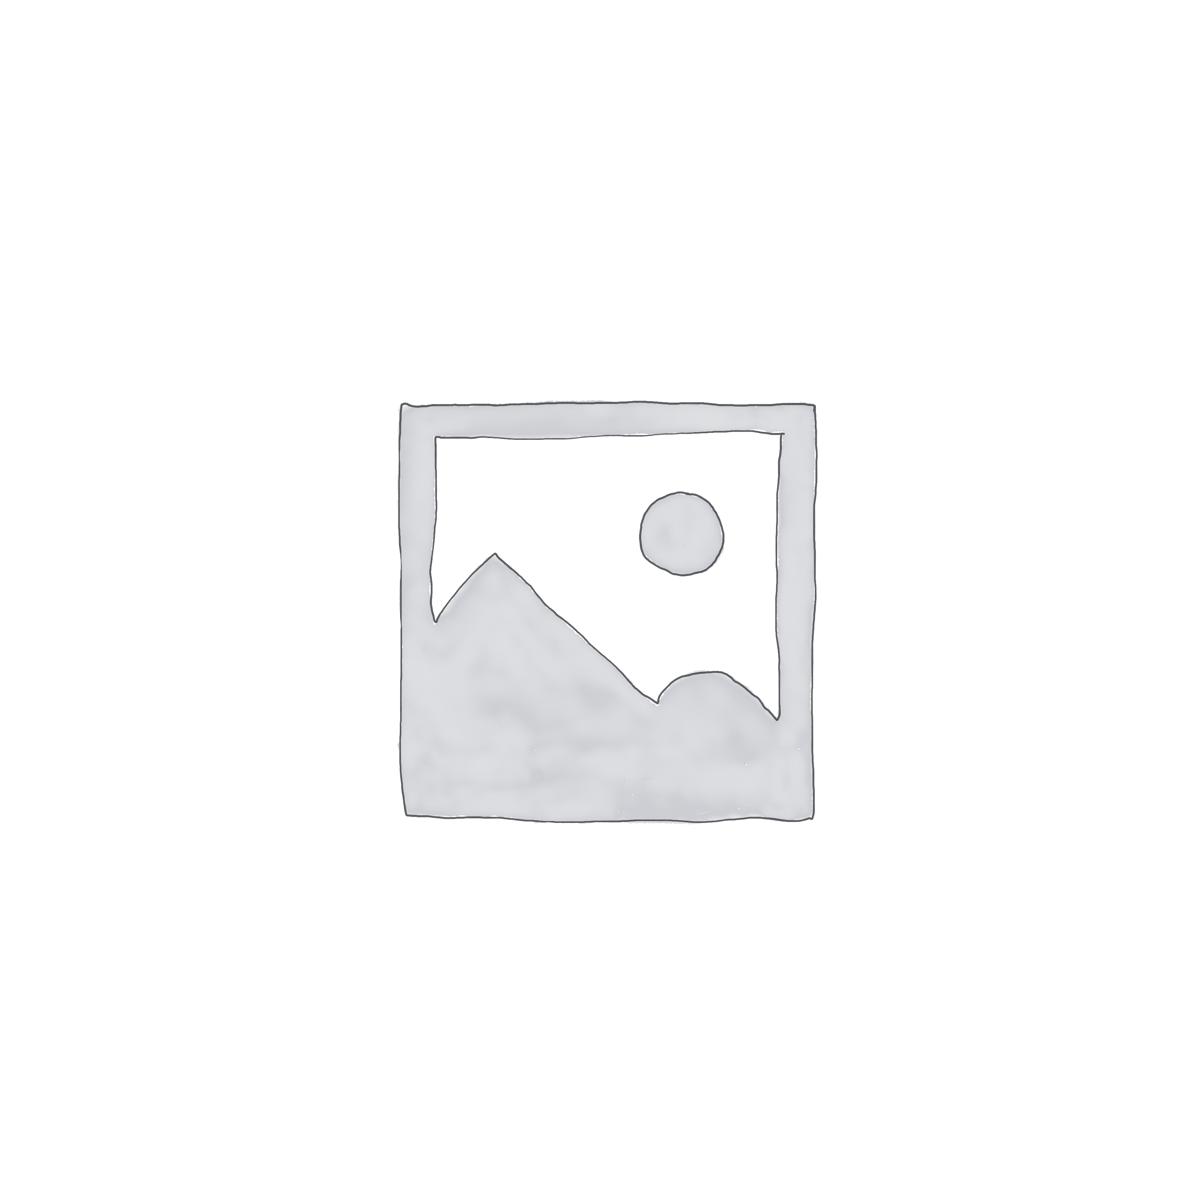 ΣΕΖΛΟΝΓΚ ΝΑΞΟΣ ΜΕ ΜΠΡΑΤΣΑ ΟΞΙΑ ΕΜΠ/ΣΜΟΣ ΛΕΥΚΟΣ ΜΕ PVC ΕΚΡΟΥ IH202010248.03